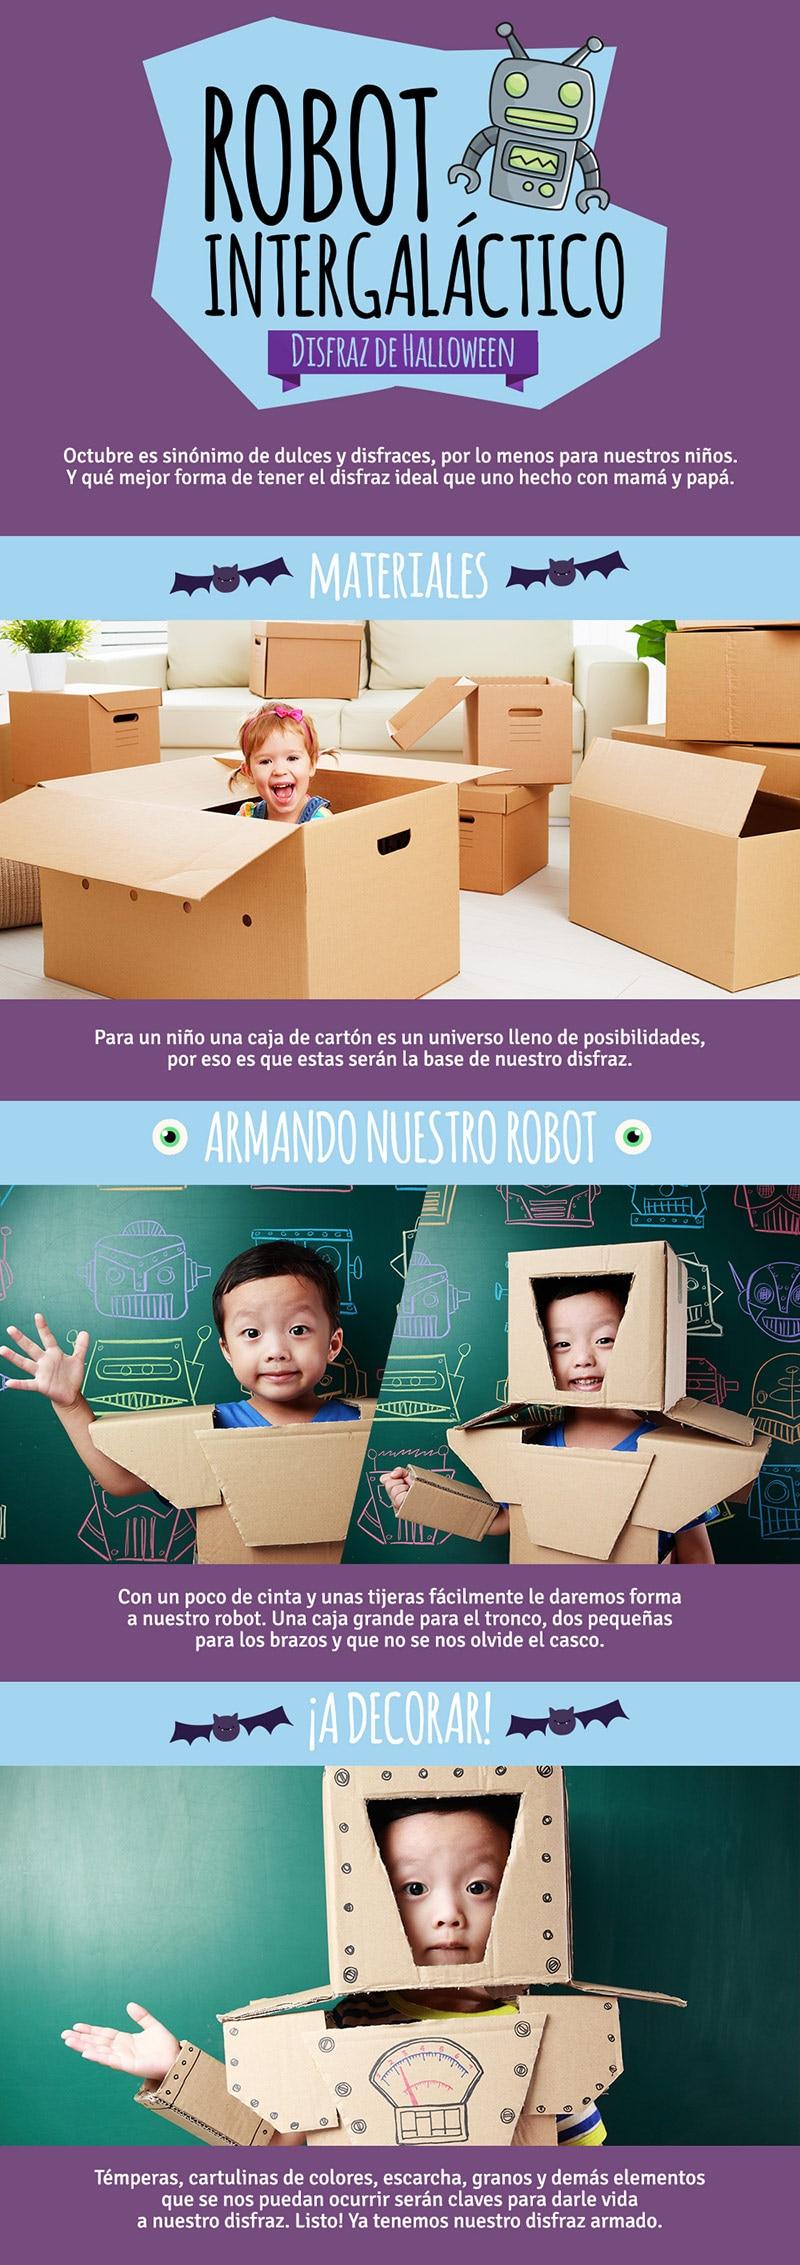 Banner explica como hacer un robot con caja de carton